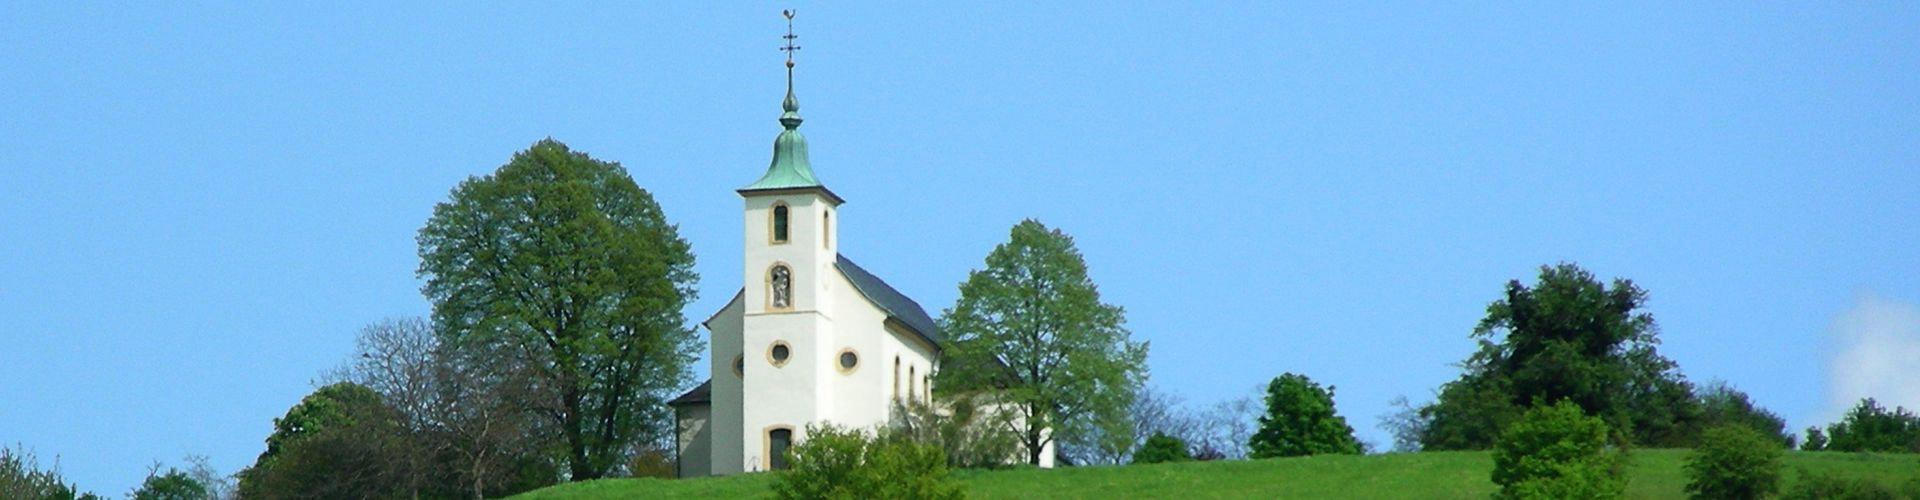 Kirchengemeinde Bruchsal Michaelsberg / Quelle:  Franz Porz / A. Konigorski, Kath. Kirchengemeinde Bruchsal Michaelsberg